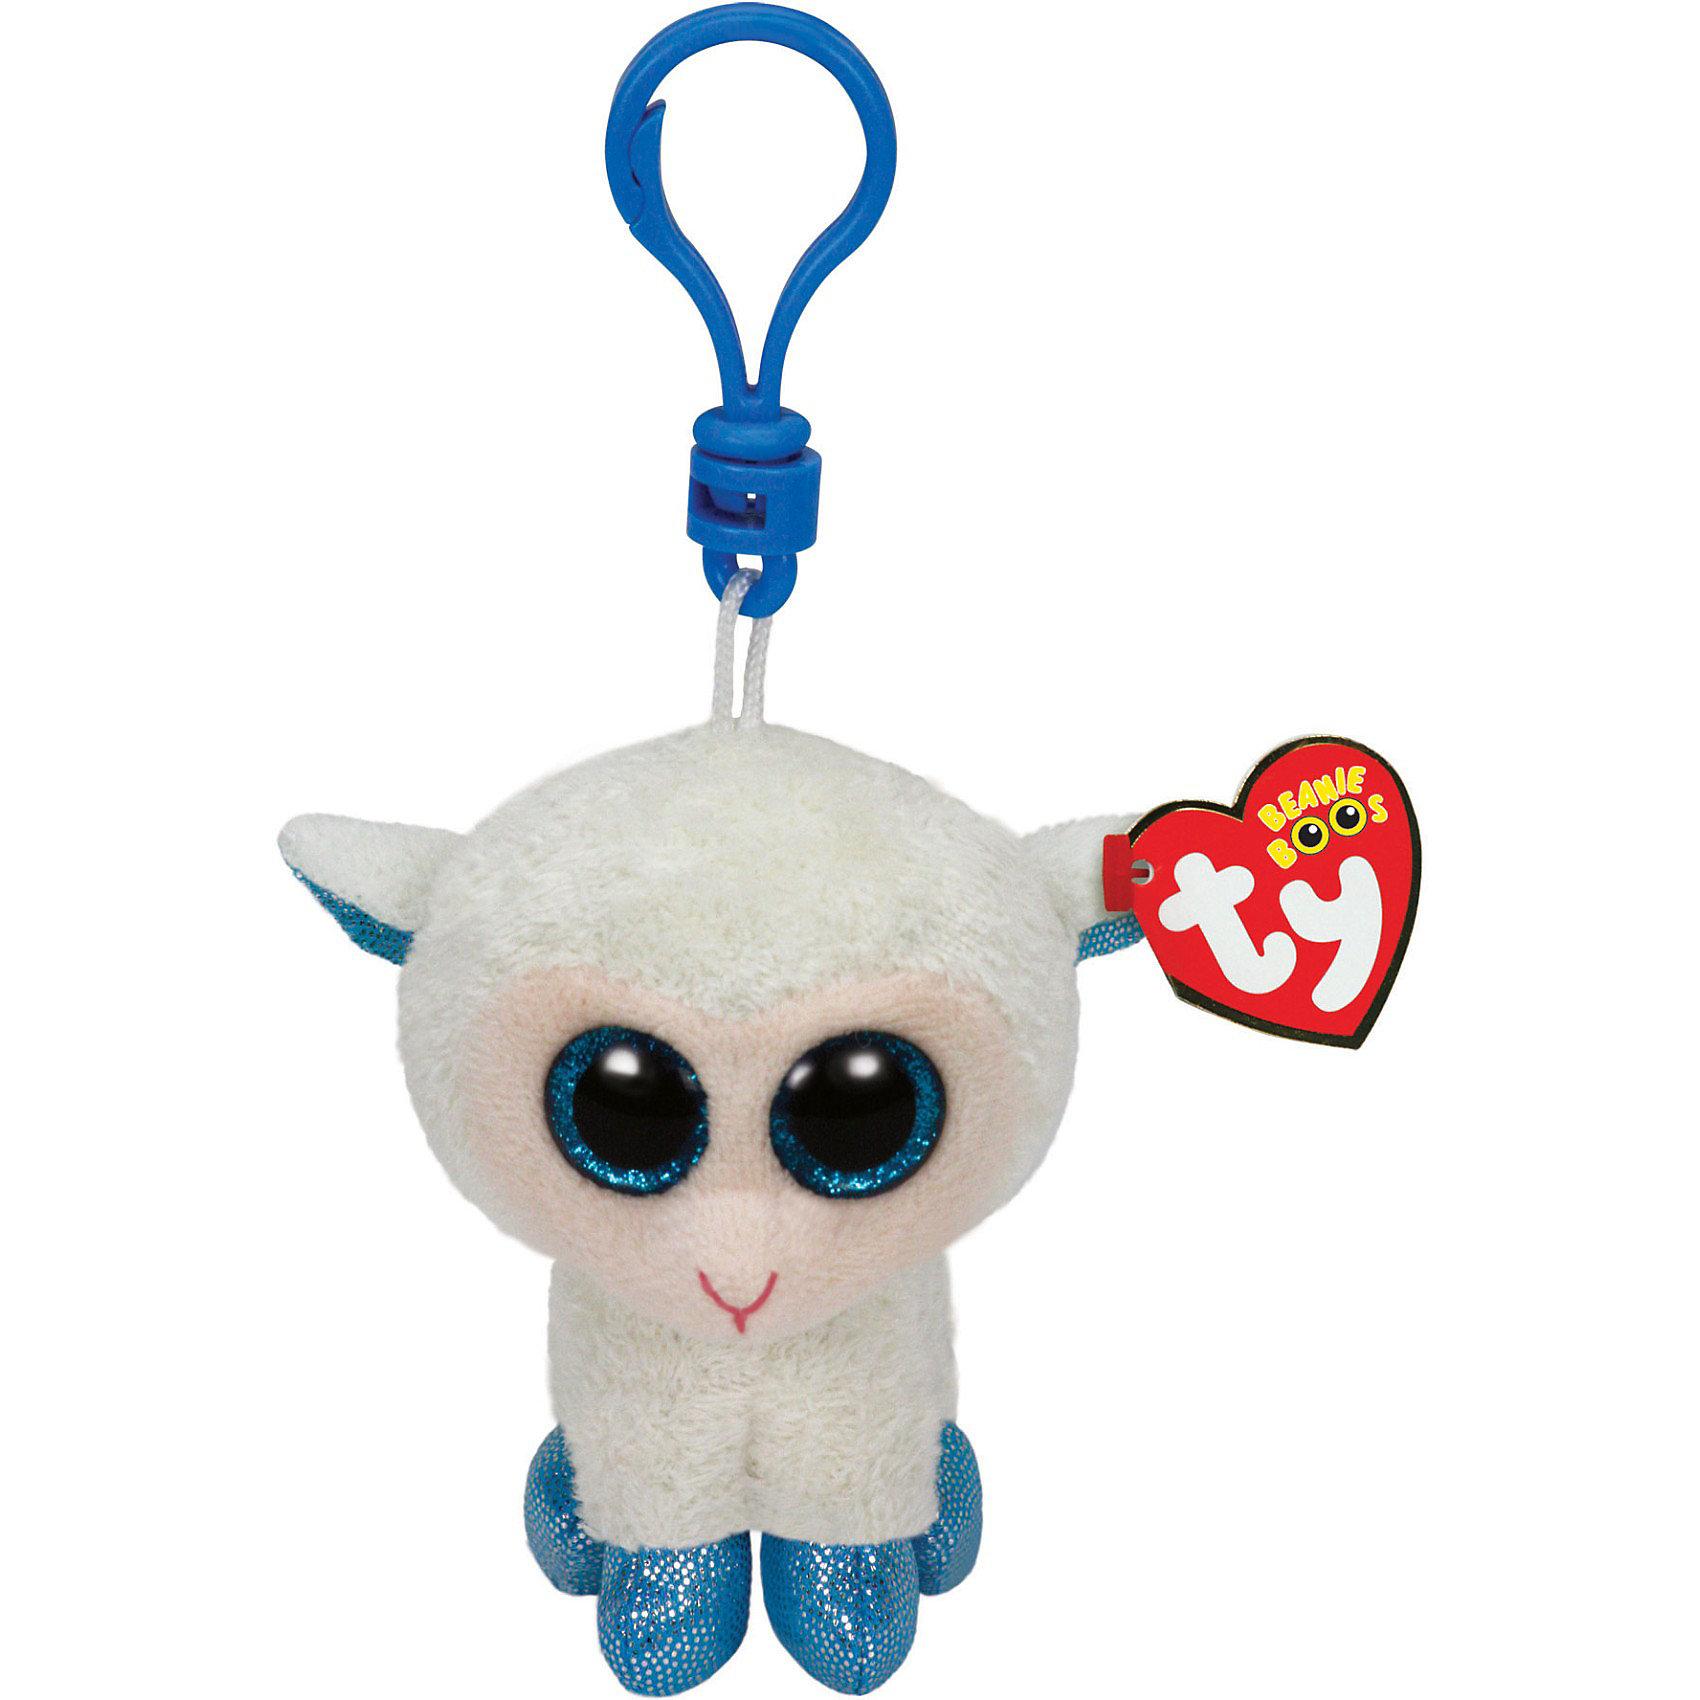 Ty Брелок Овечка, с голубыми копытцами, 12 см,  Ty фонарь брелок эра 1xled с лазерной указкой